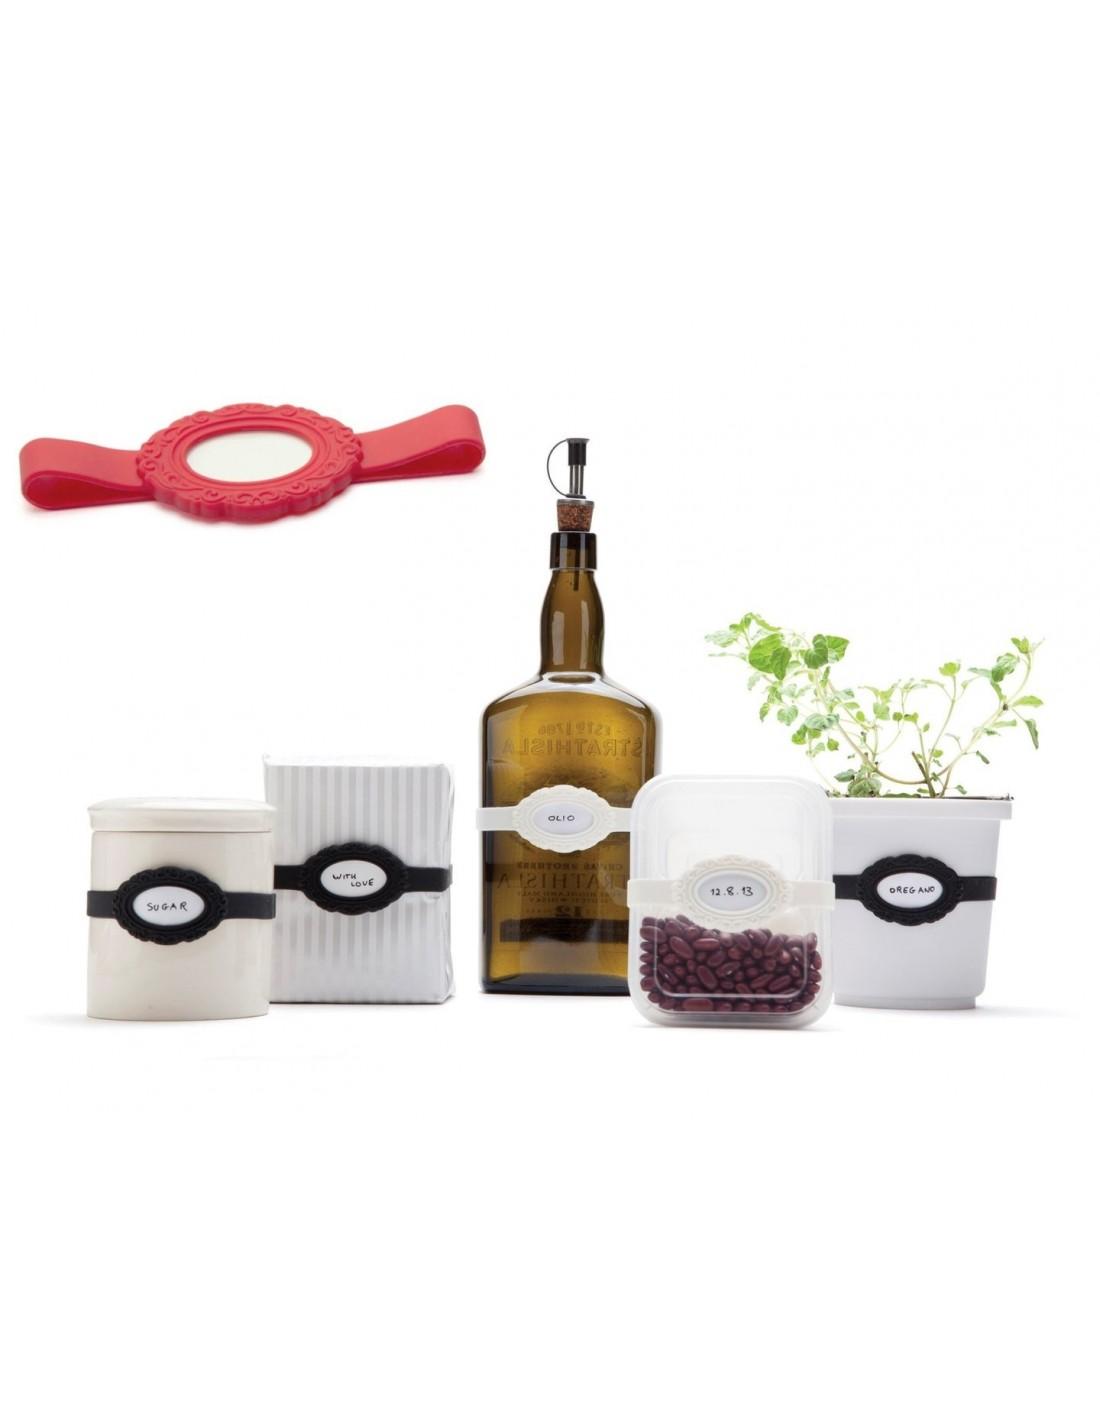 Porta etichette elastico la bella di monkey business for Porta online shop